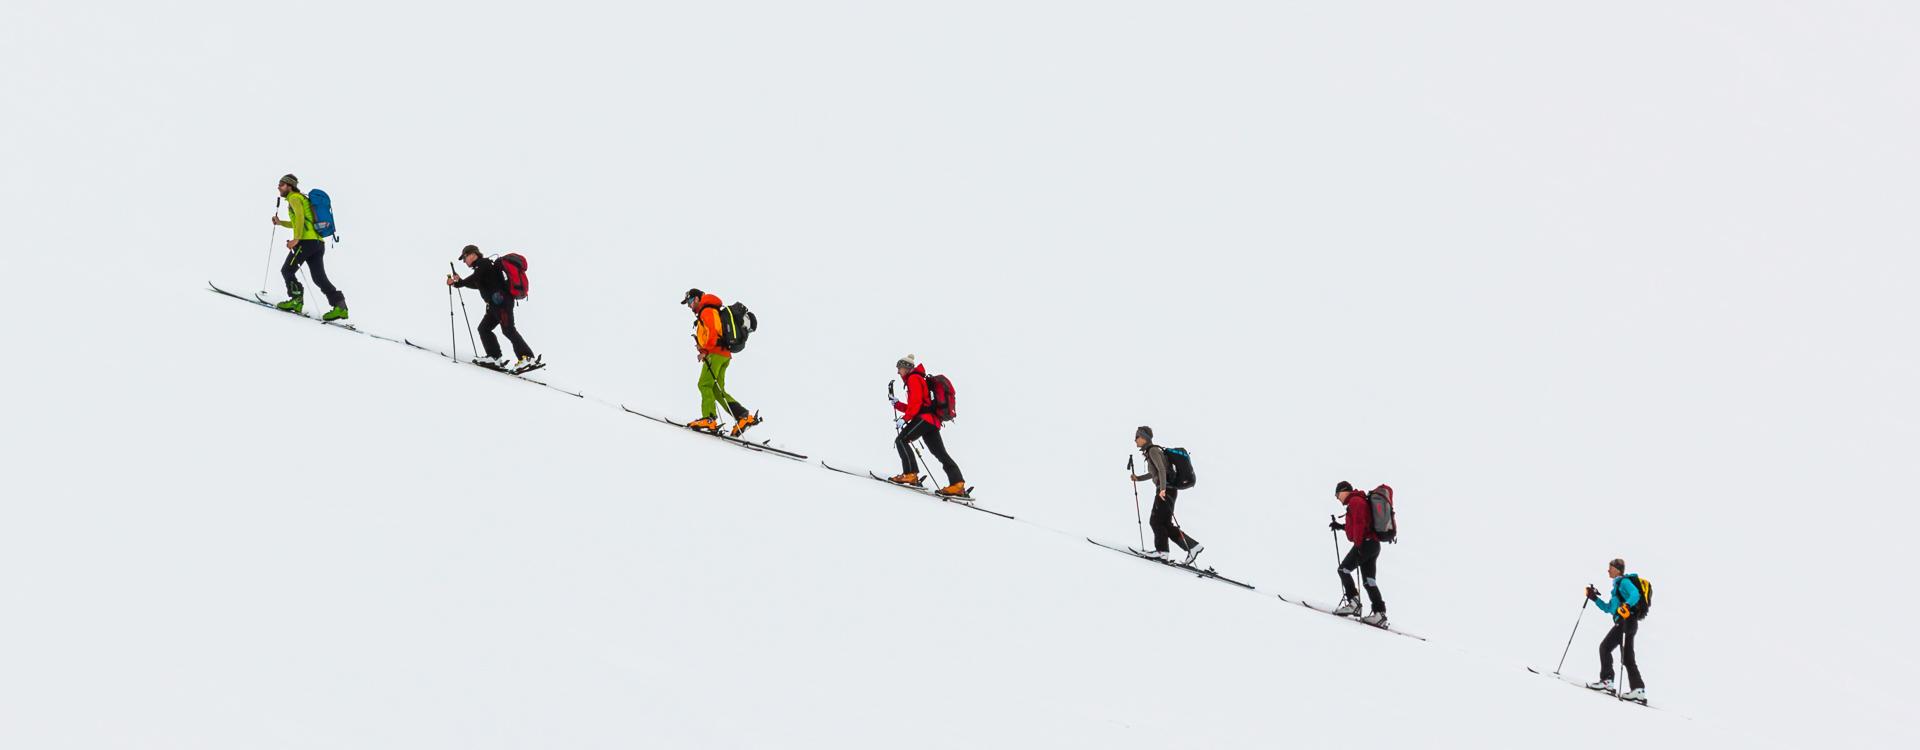 Skitouren Aufstieg lernen am Skitourenkurs